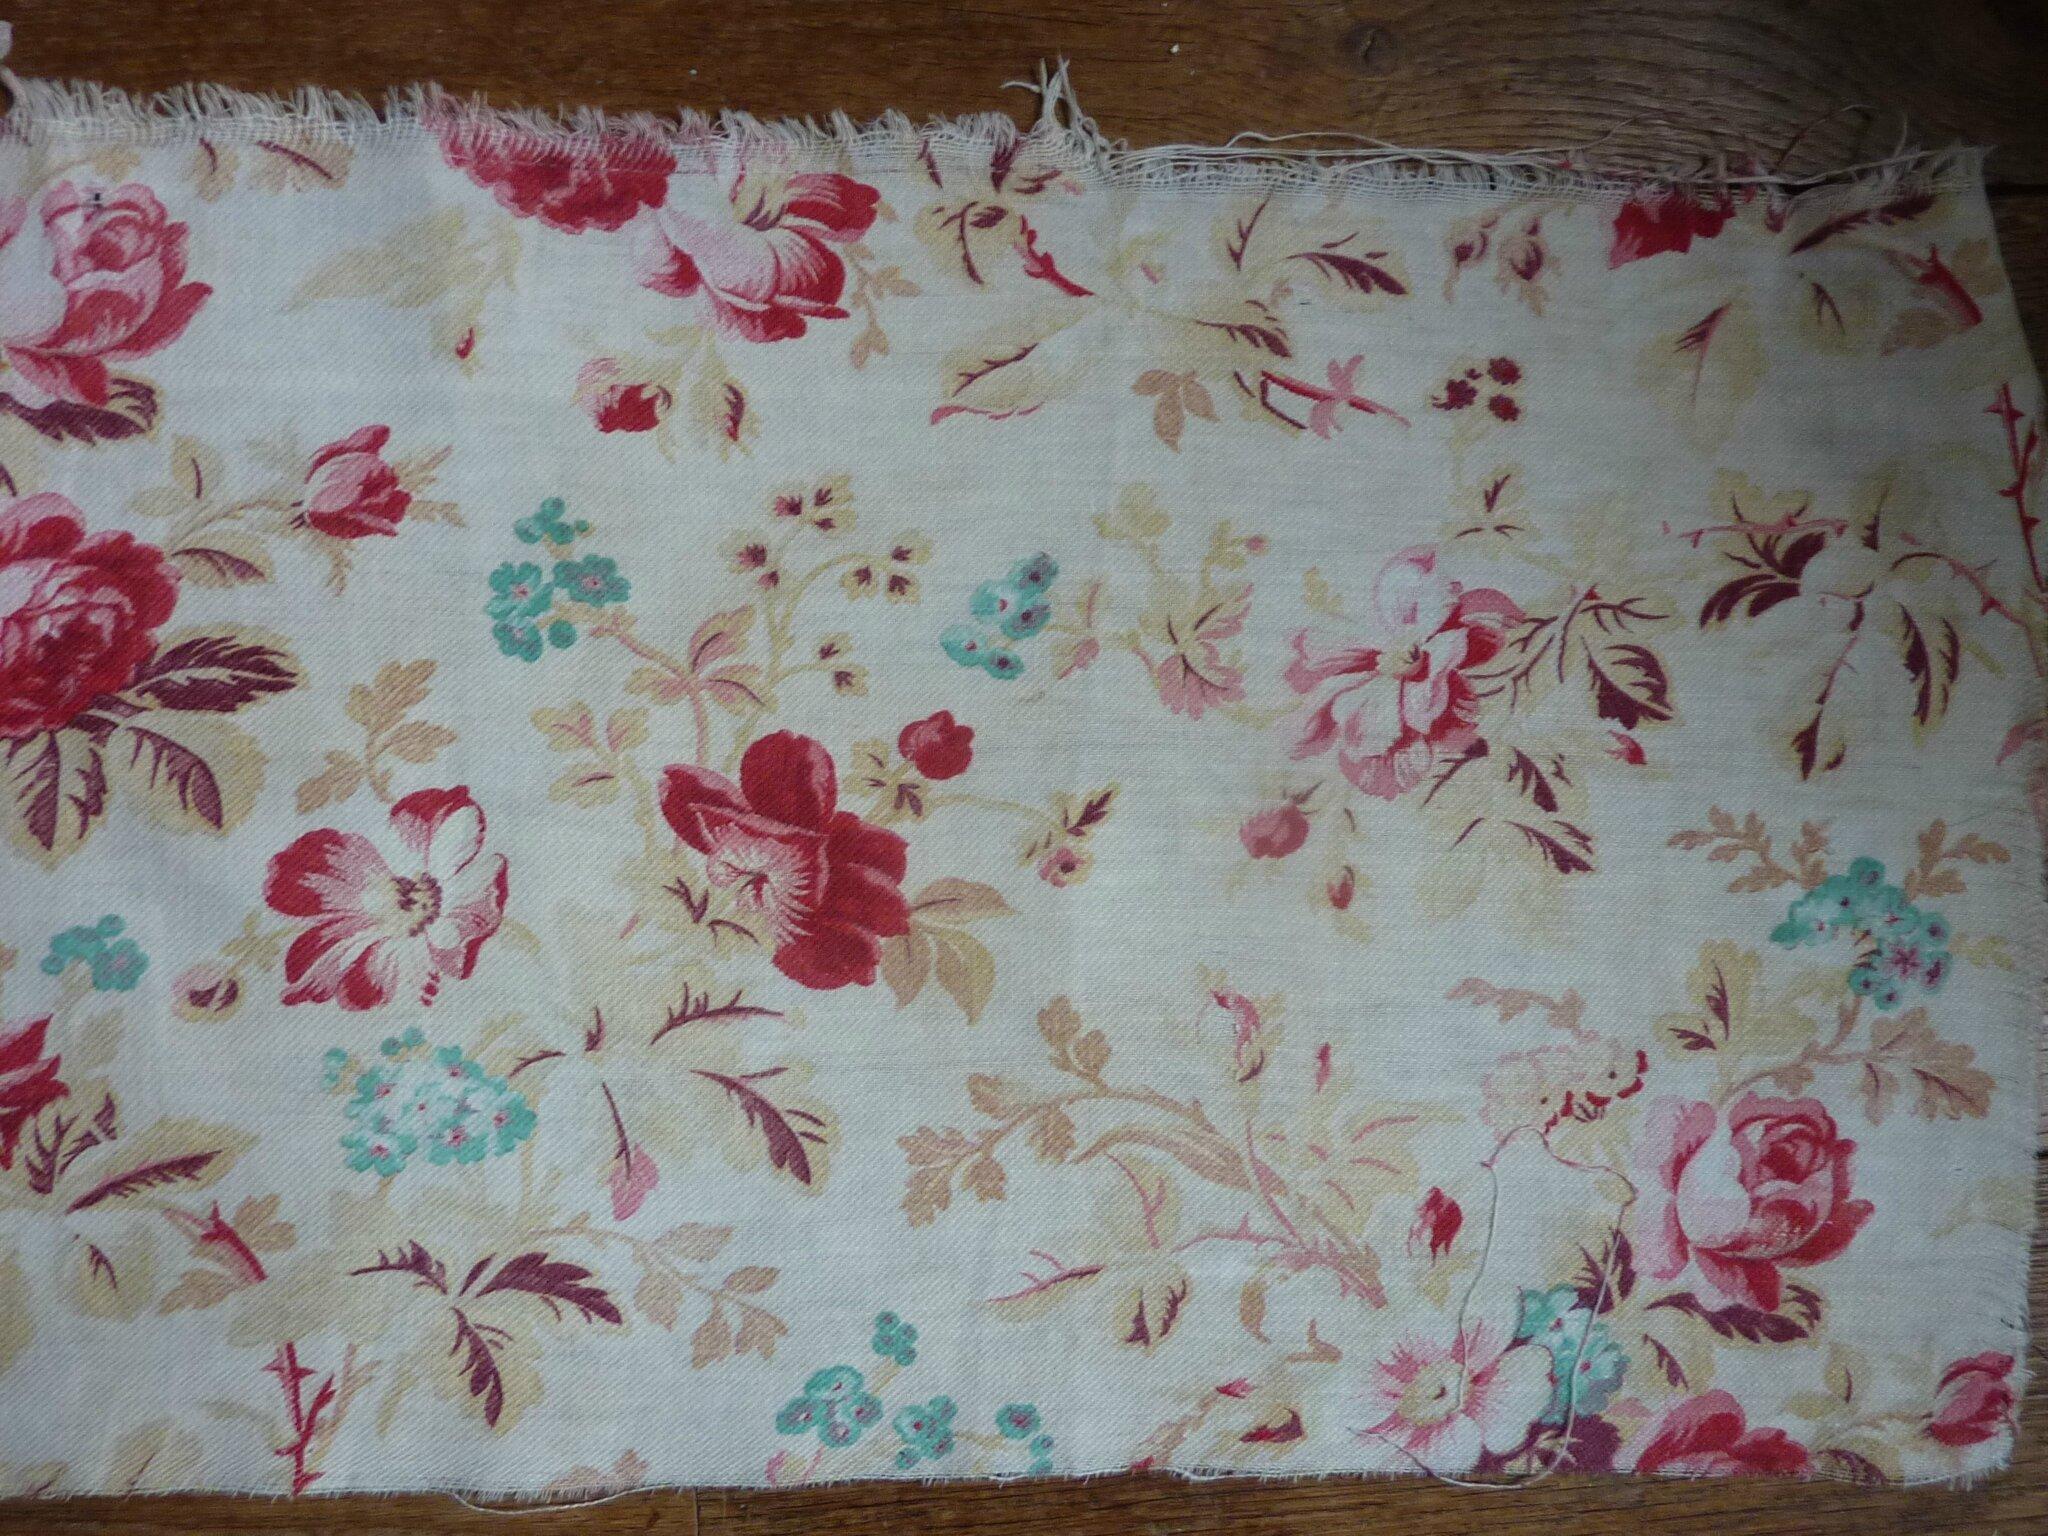 1400 tissu ancien 19e fleuri anemones et roses anciennes l 39 univers textile des ateliers la. Black Bedroom Furniture Sets. Home Design Ideas